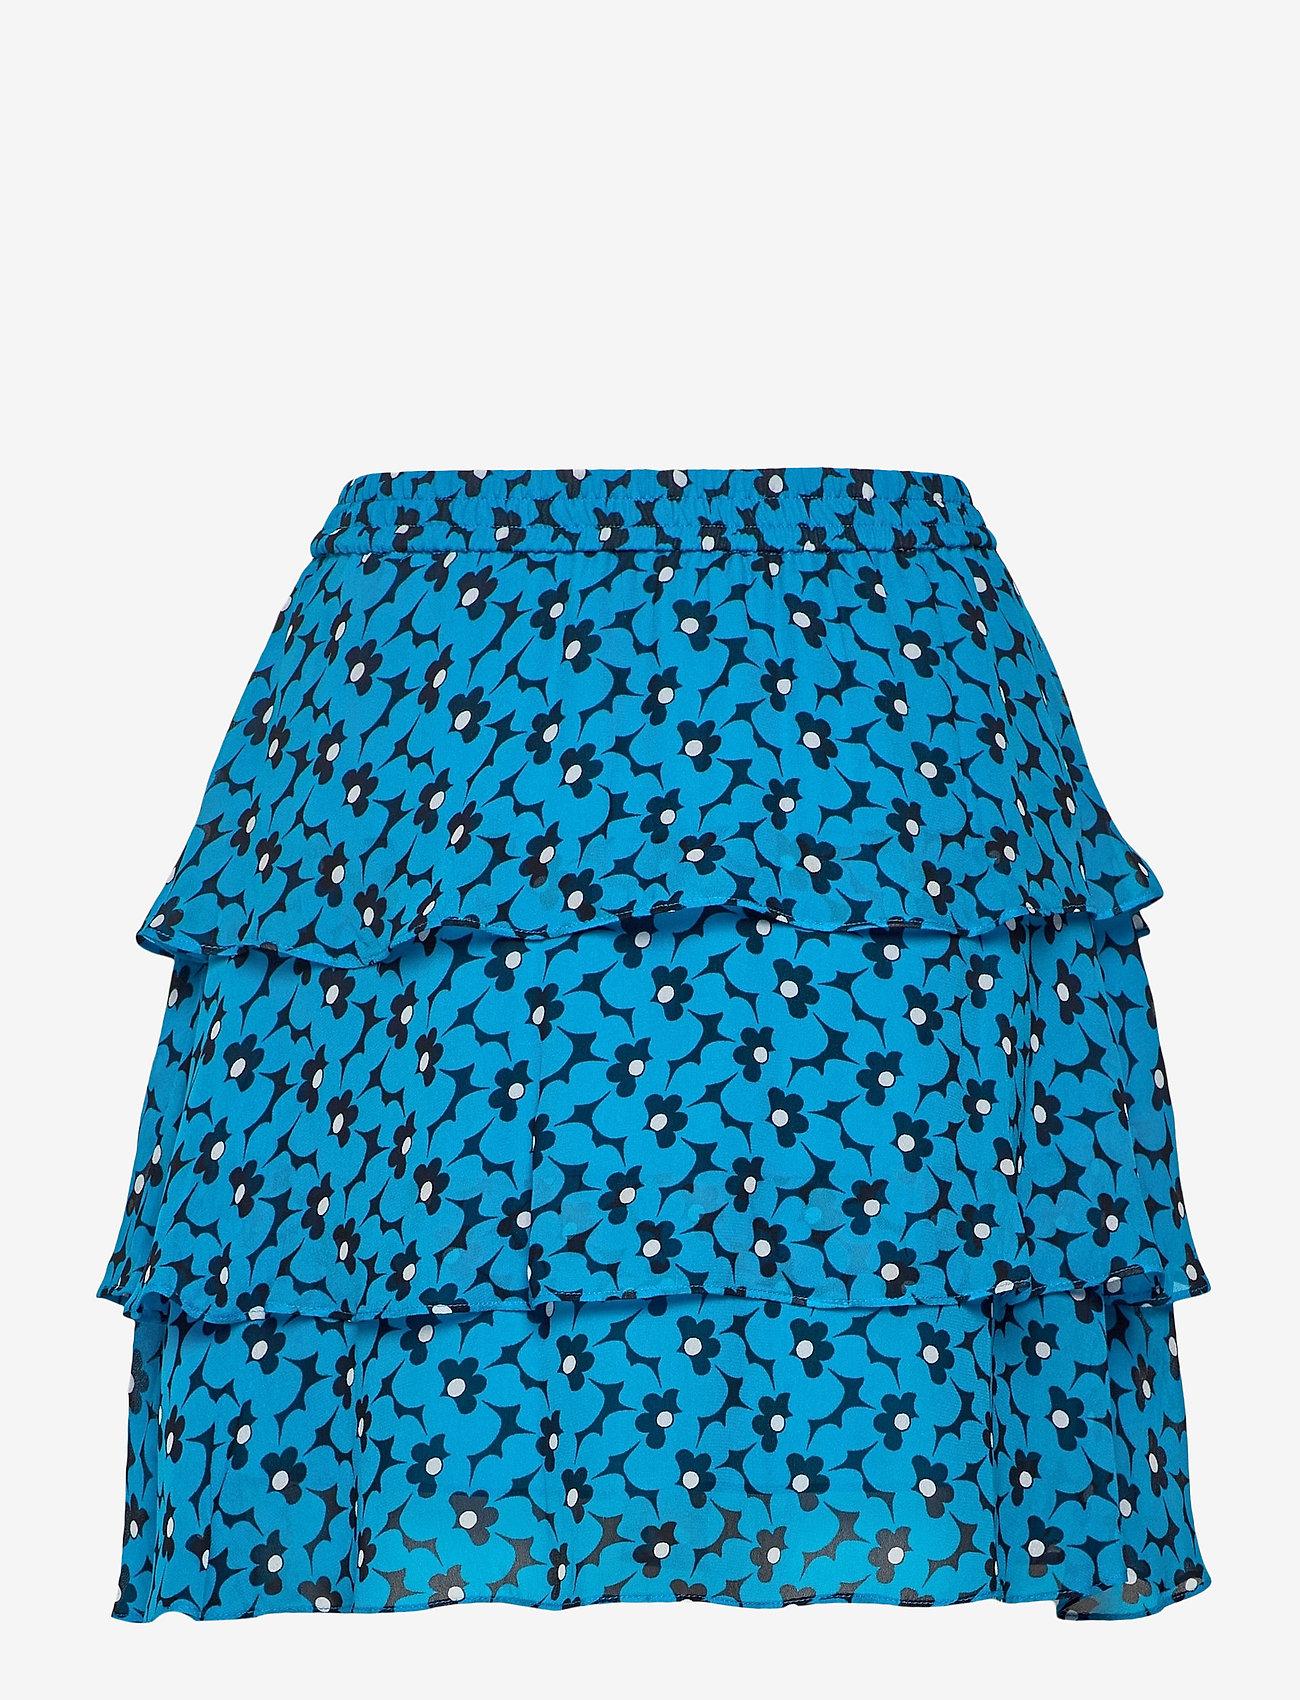 Michael Kors - 60S FLORAL FLRTY SKRT - korta kjolar - brt cyan blu - 1